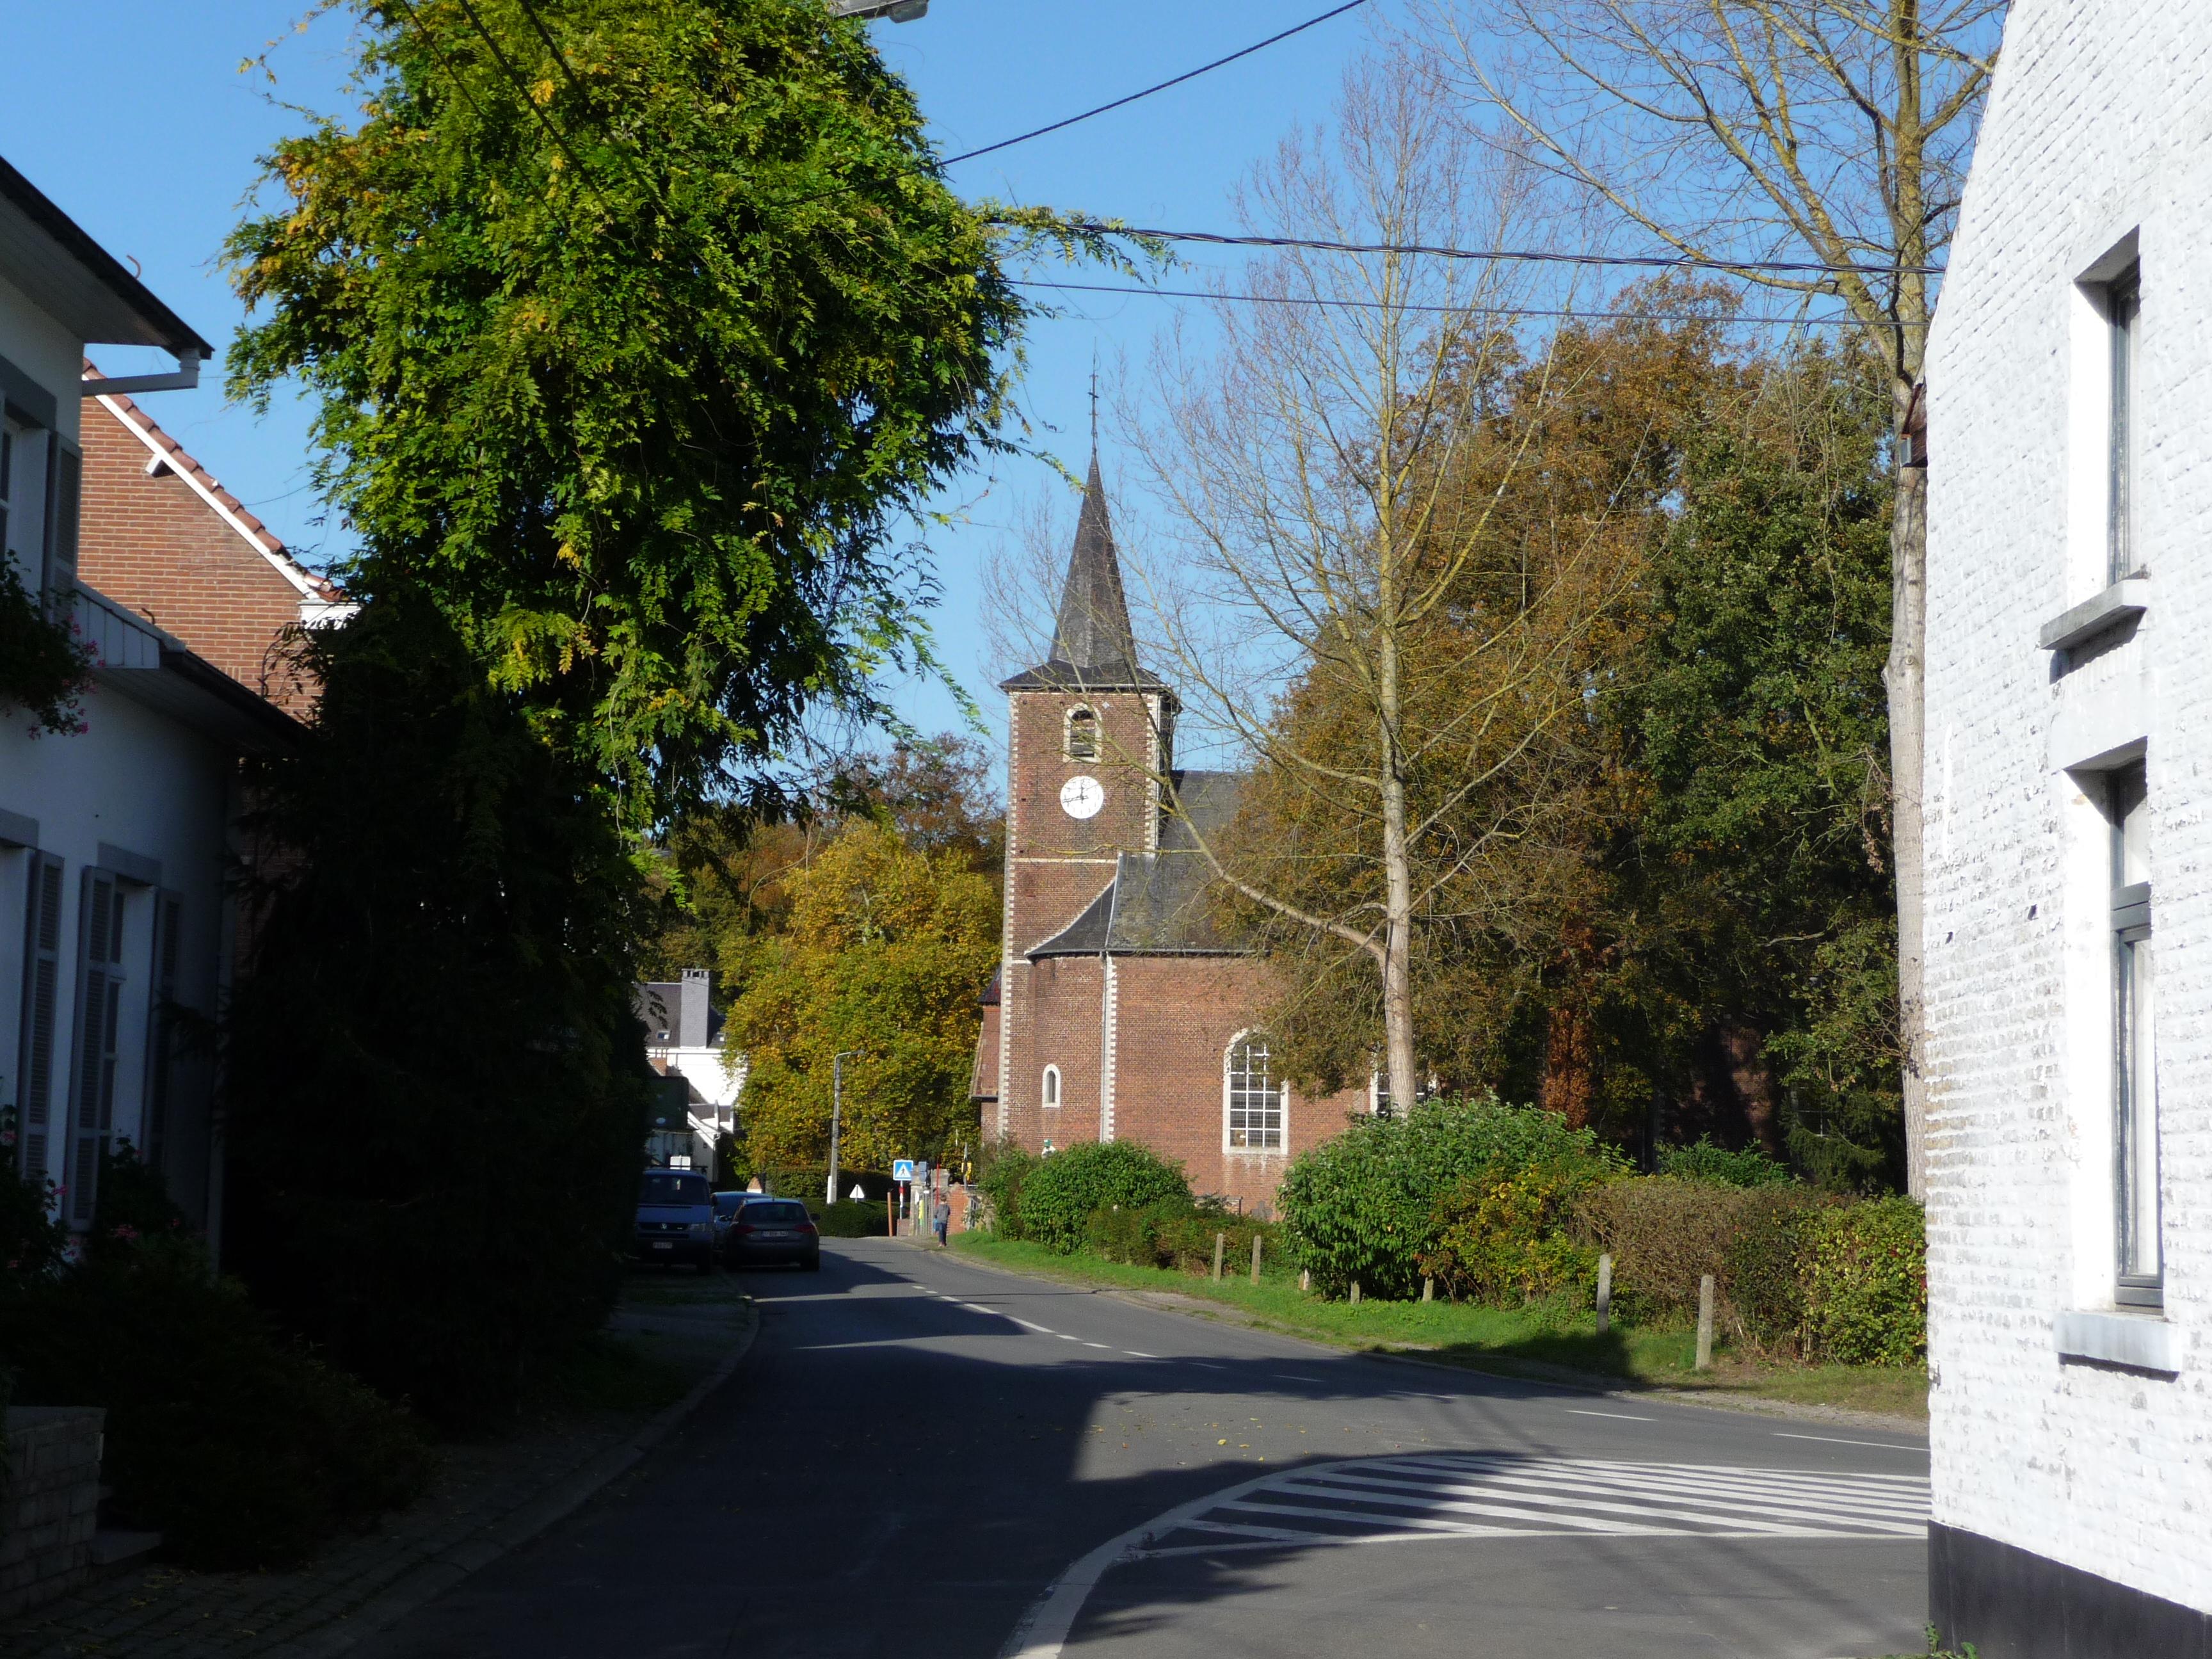 Nethen village